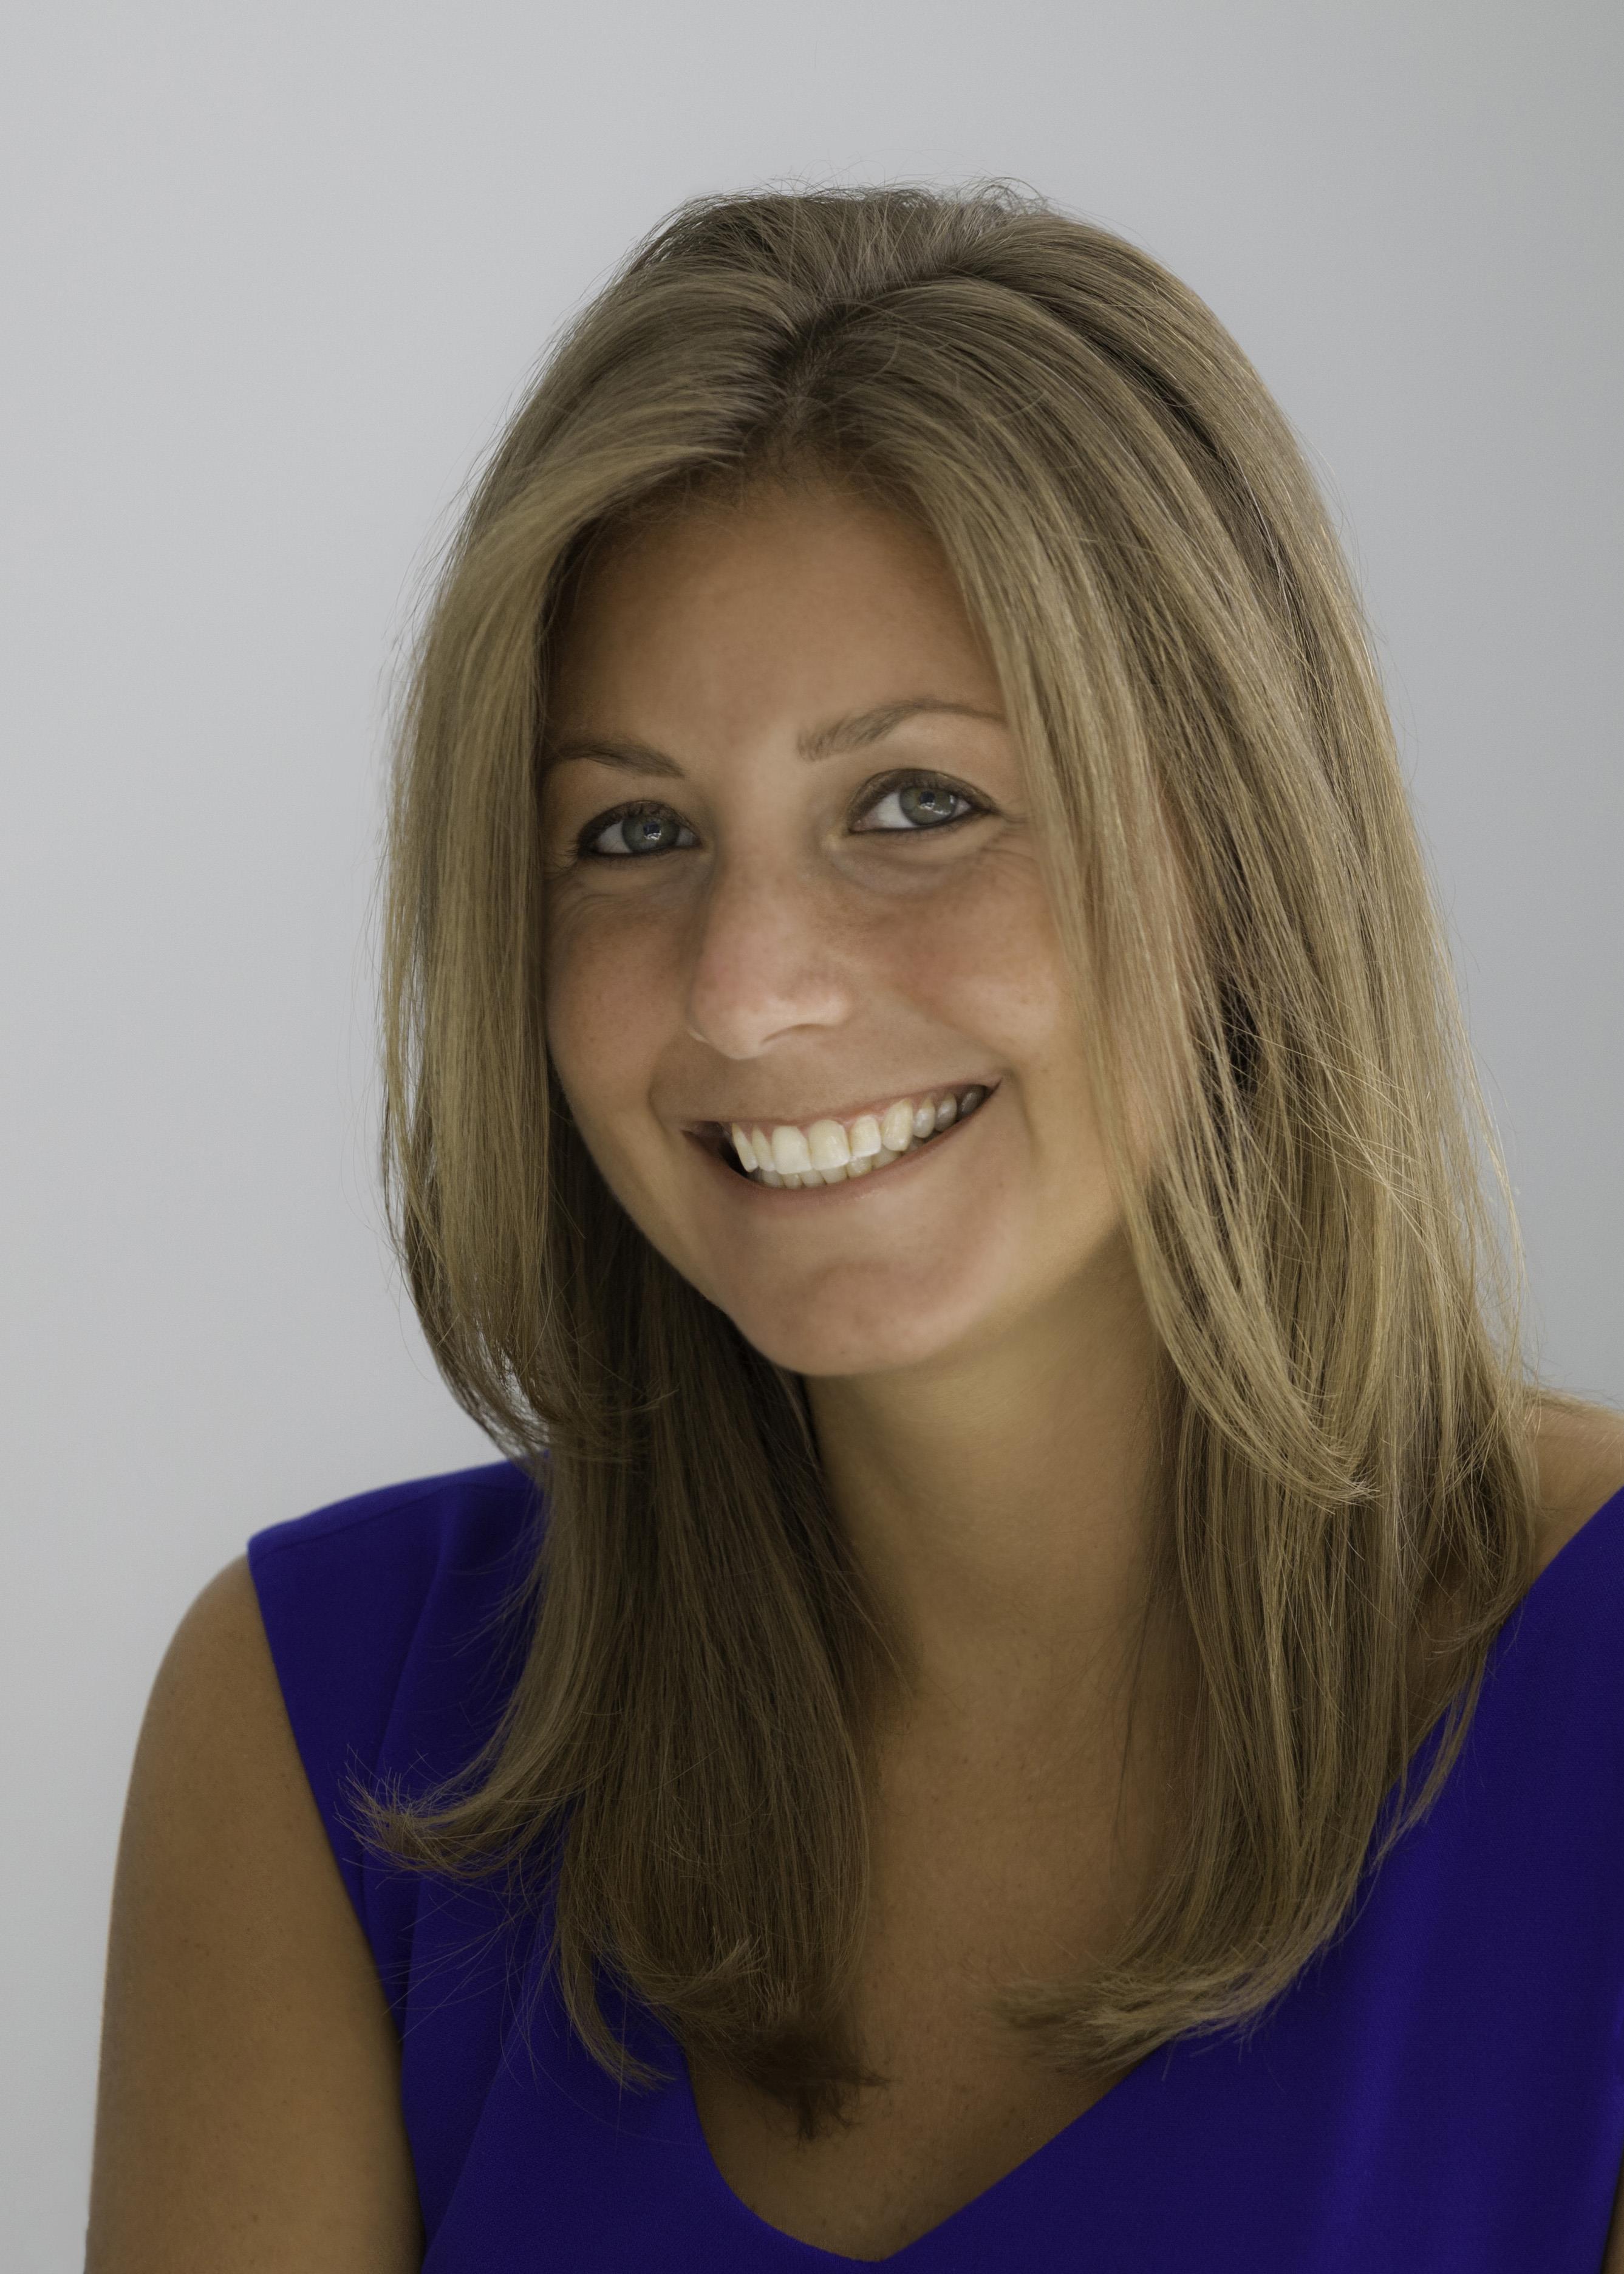 Nicole Dorskind